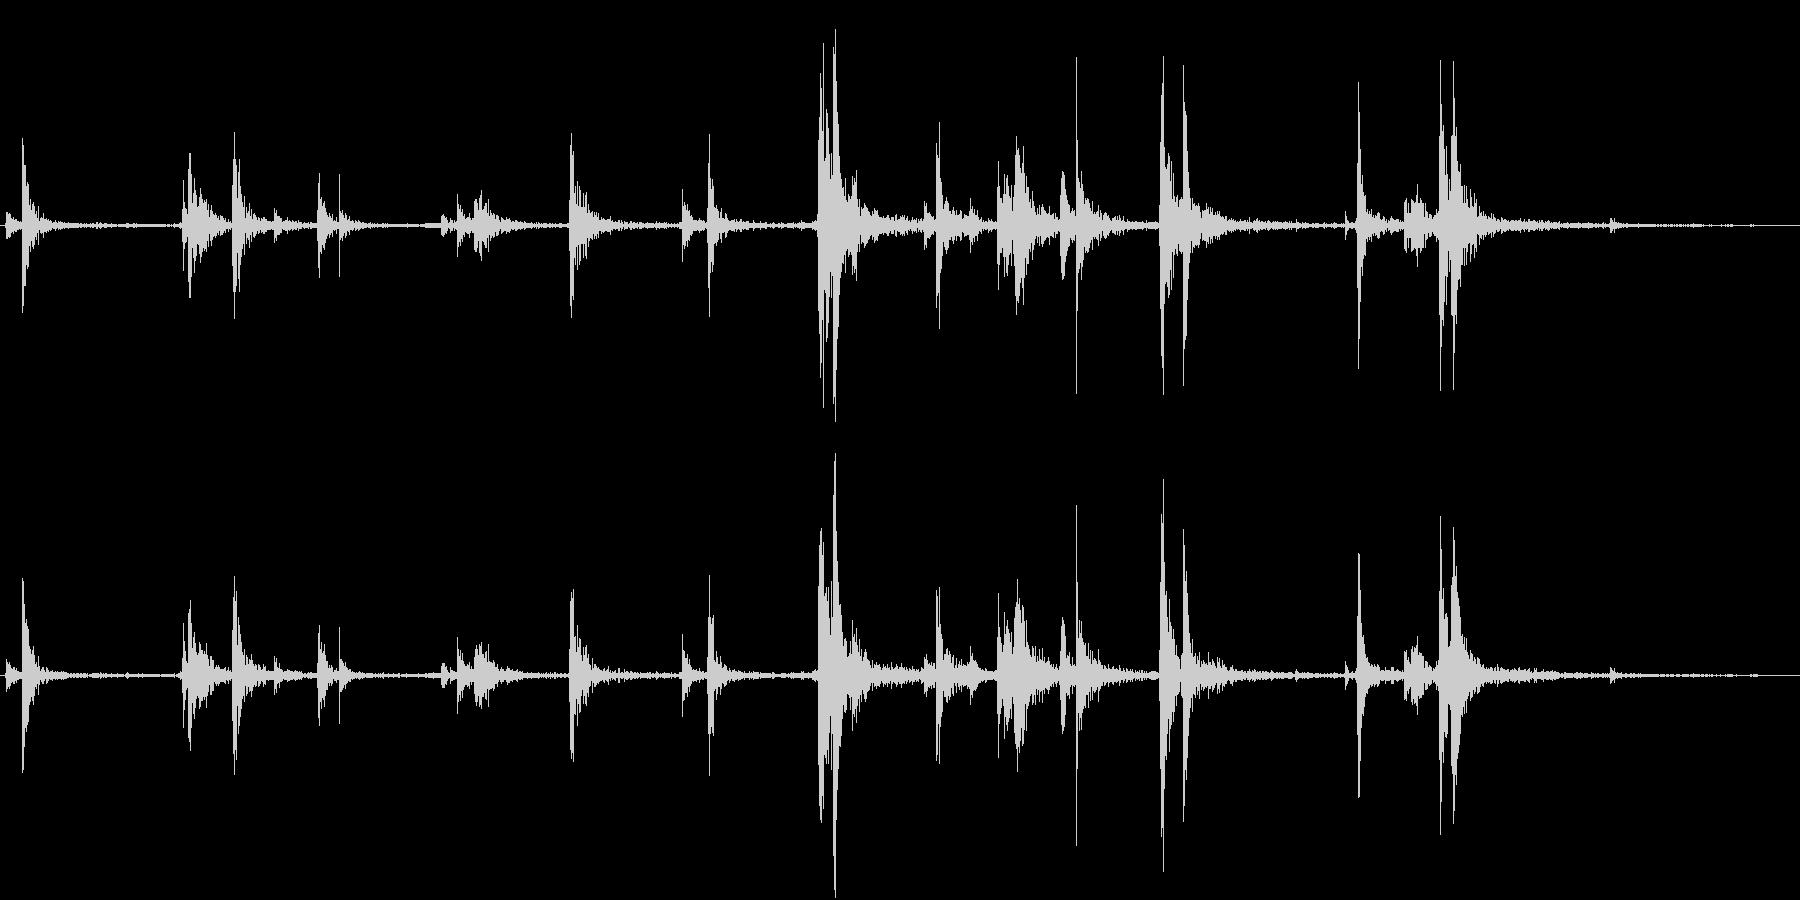 【生録音】弁当・惣菜パックの音 1の未再生の波形